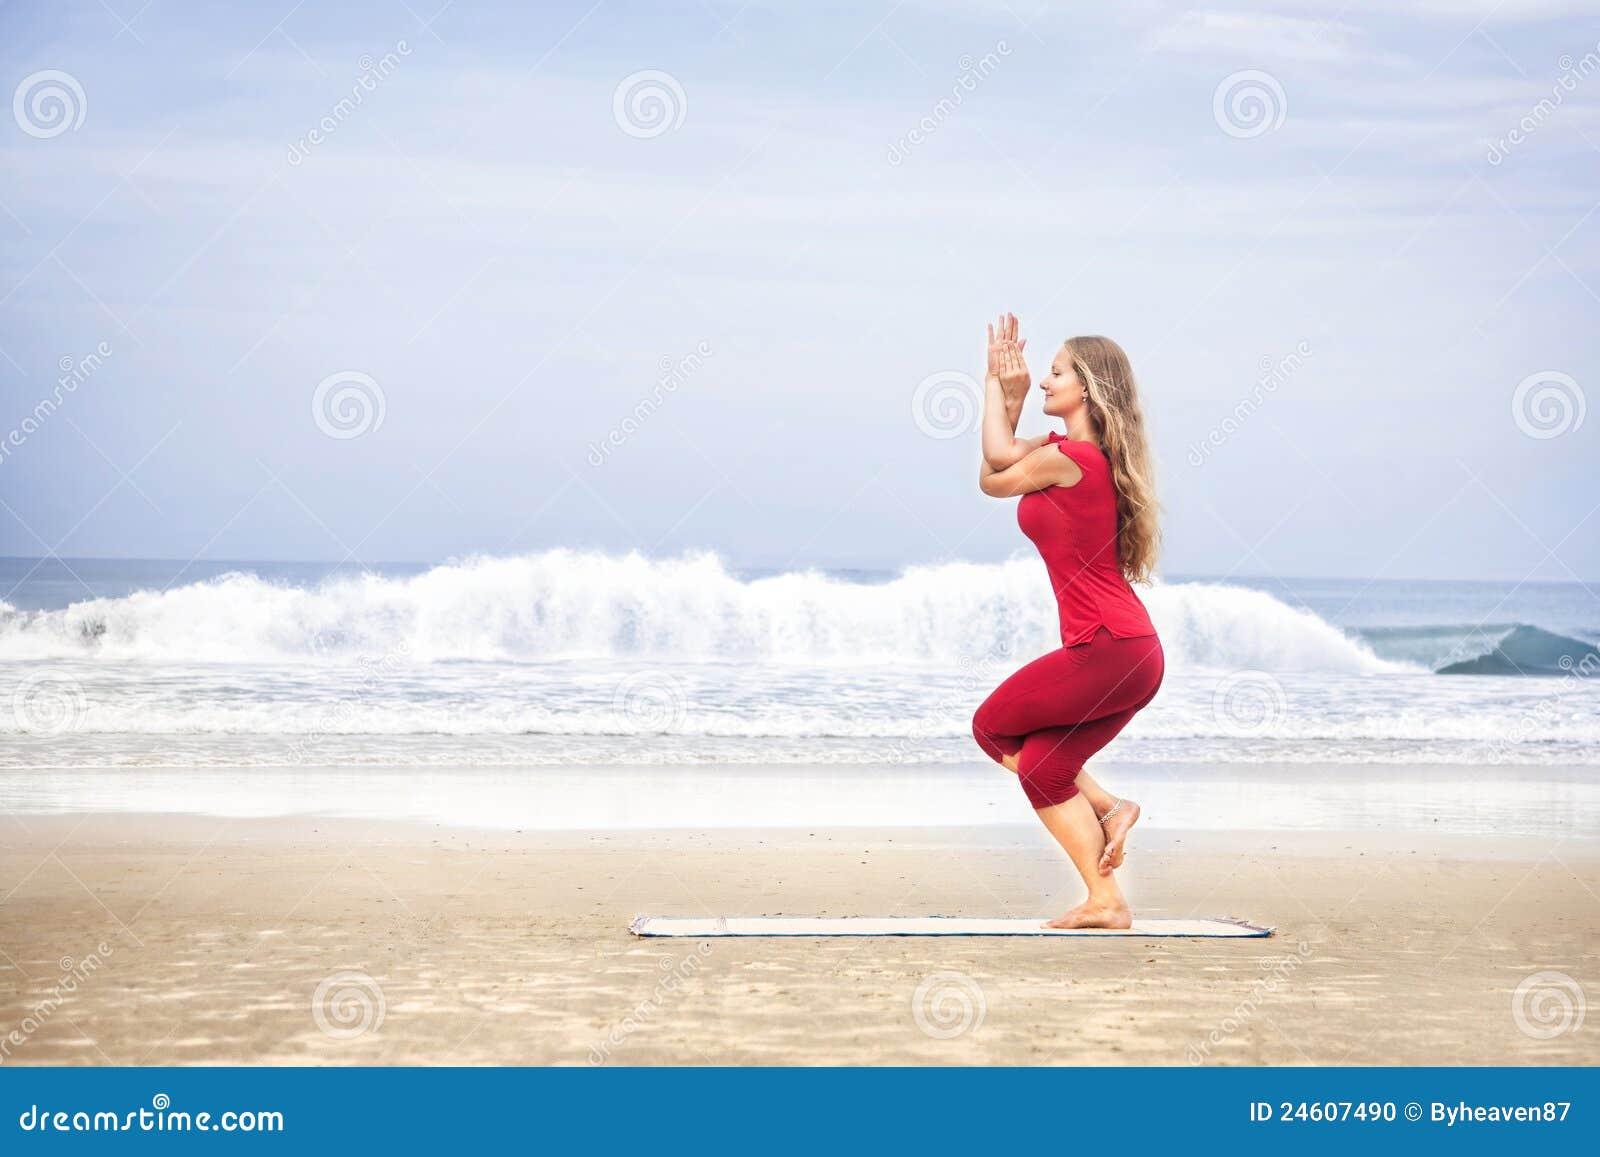 背景海灘布料老鷹garudasana頭發長的海洋姿勢紅色女子瑜伽年輕人.圖片